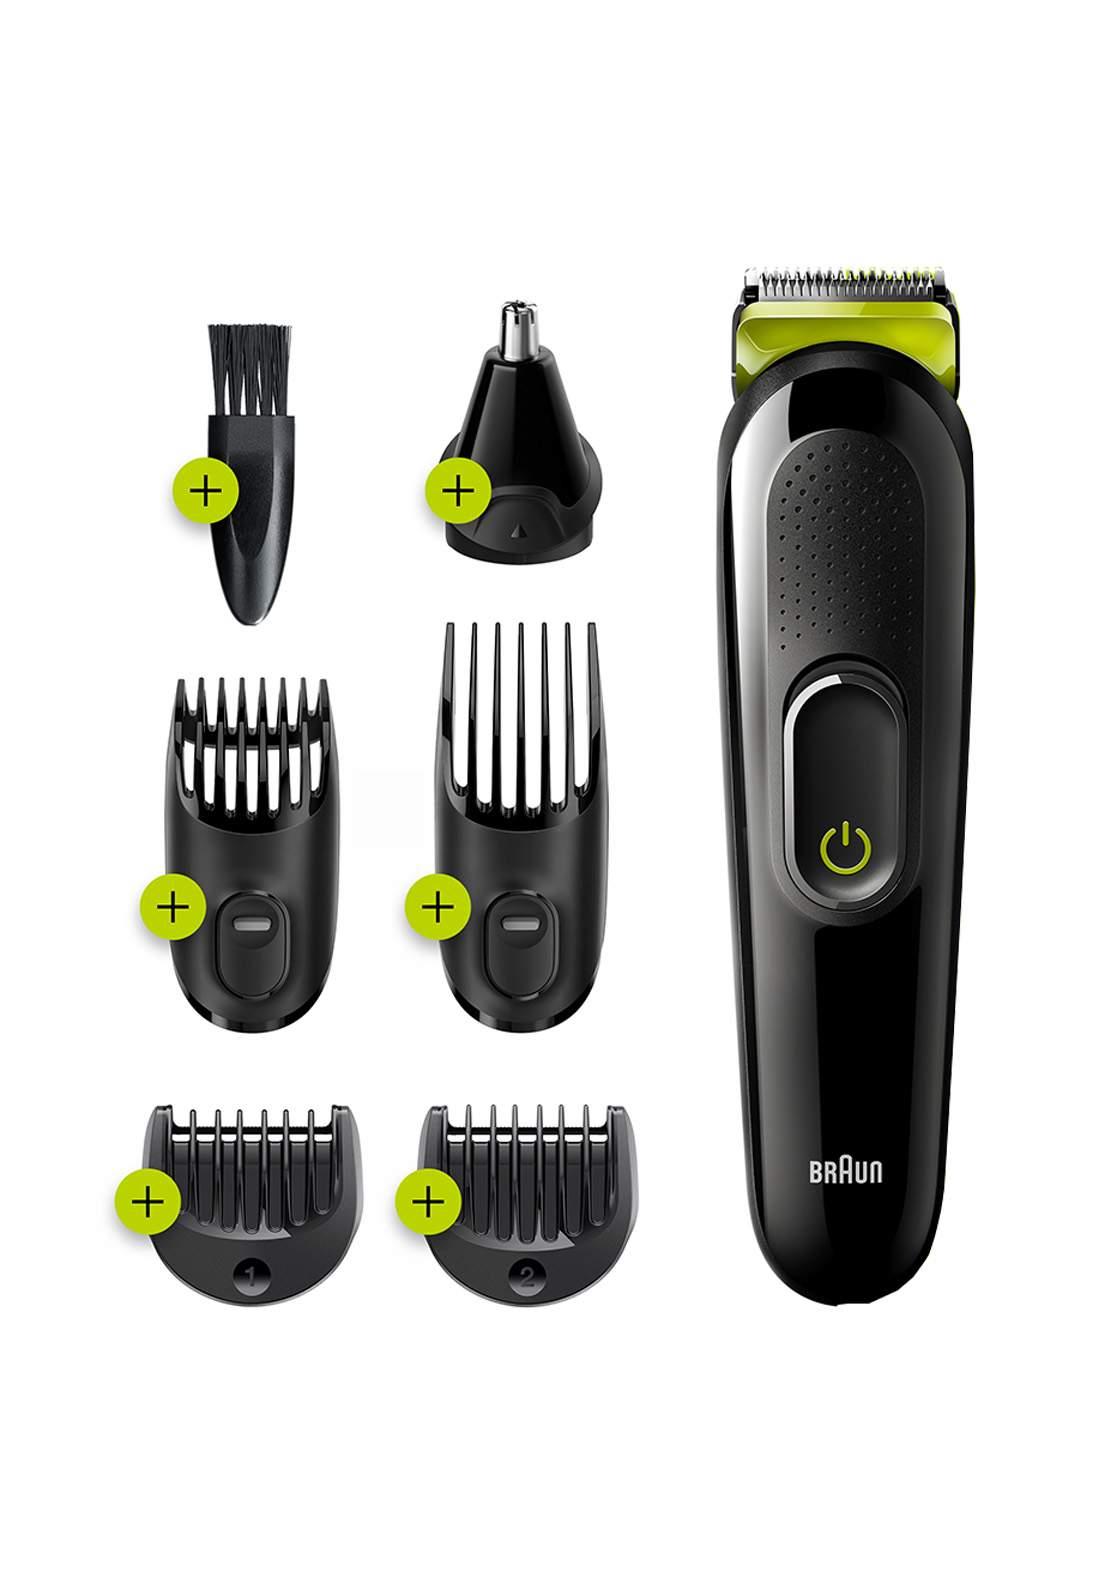 Braun MGK3221 All-in-one trimmer  6-in-1 trimme 5 attachments ماكنة حلاقة رجالية